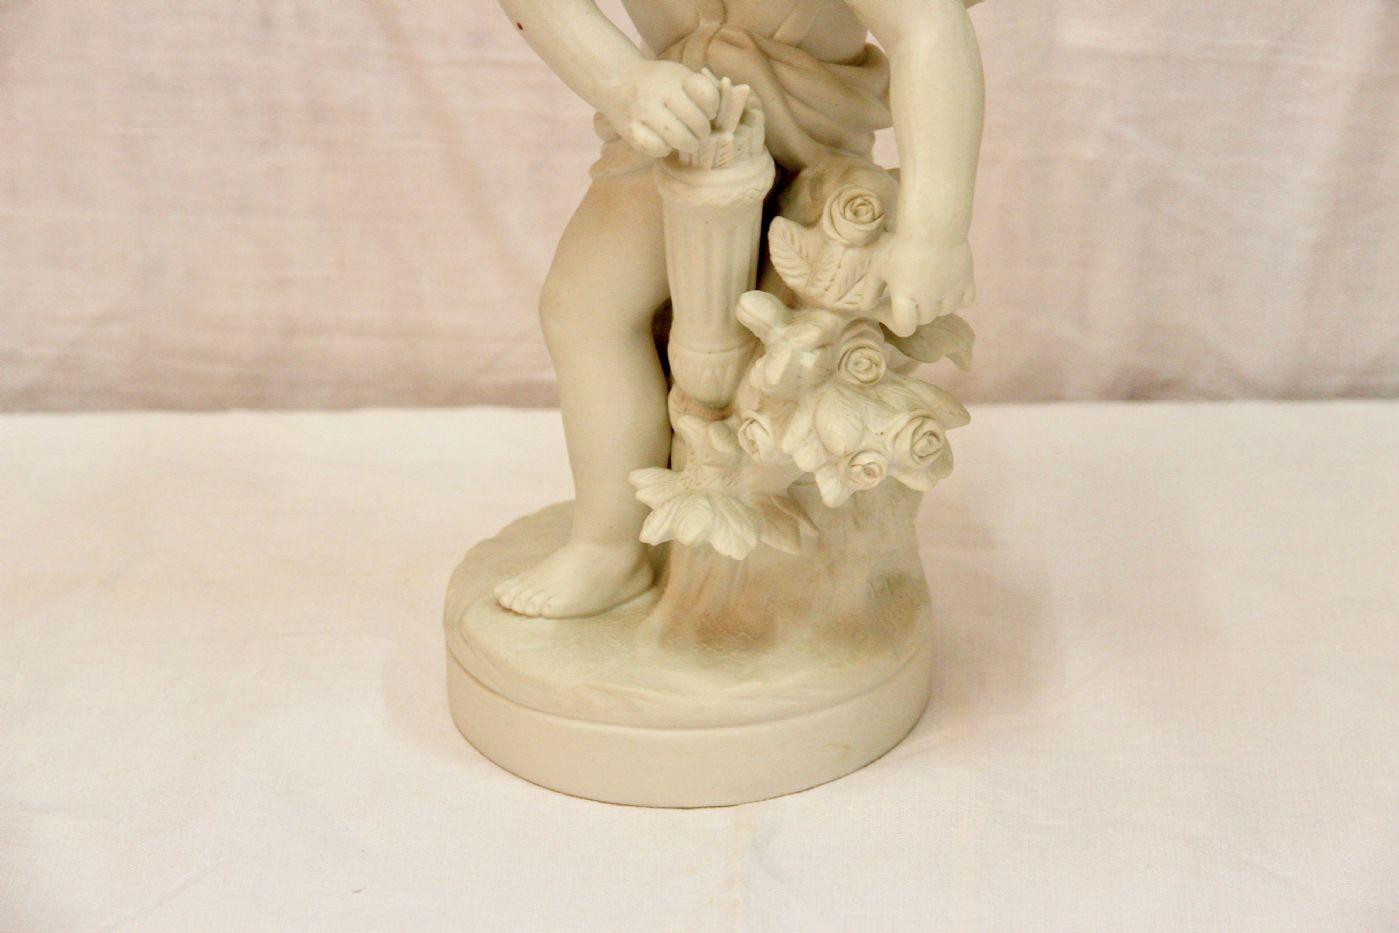 thumb3|Biscotto con Cupido, fine XIX° / inizio XX°